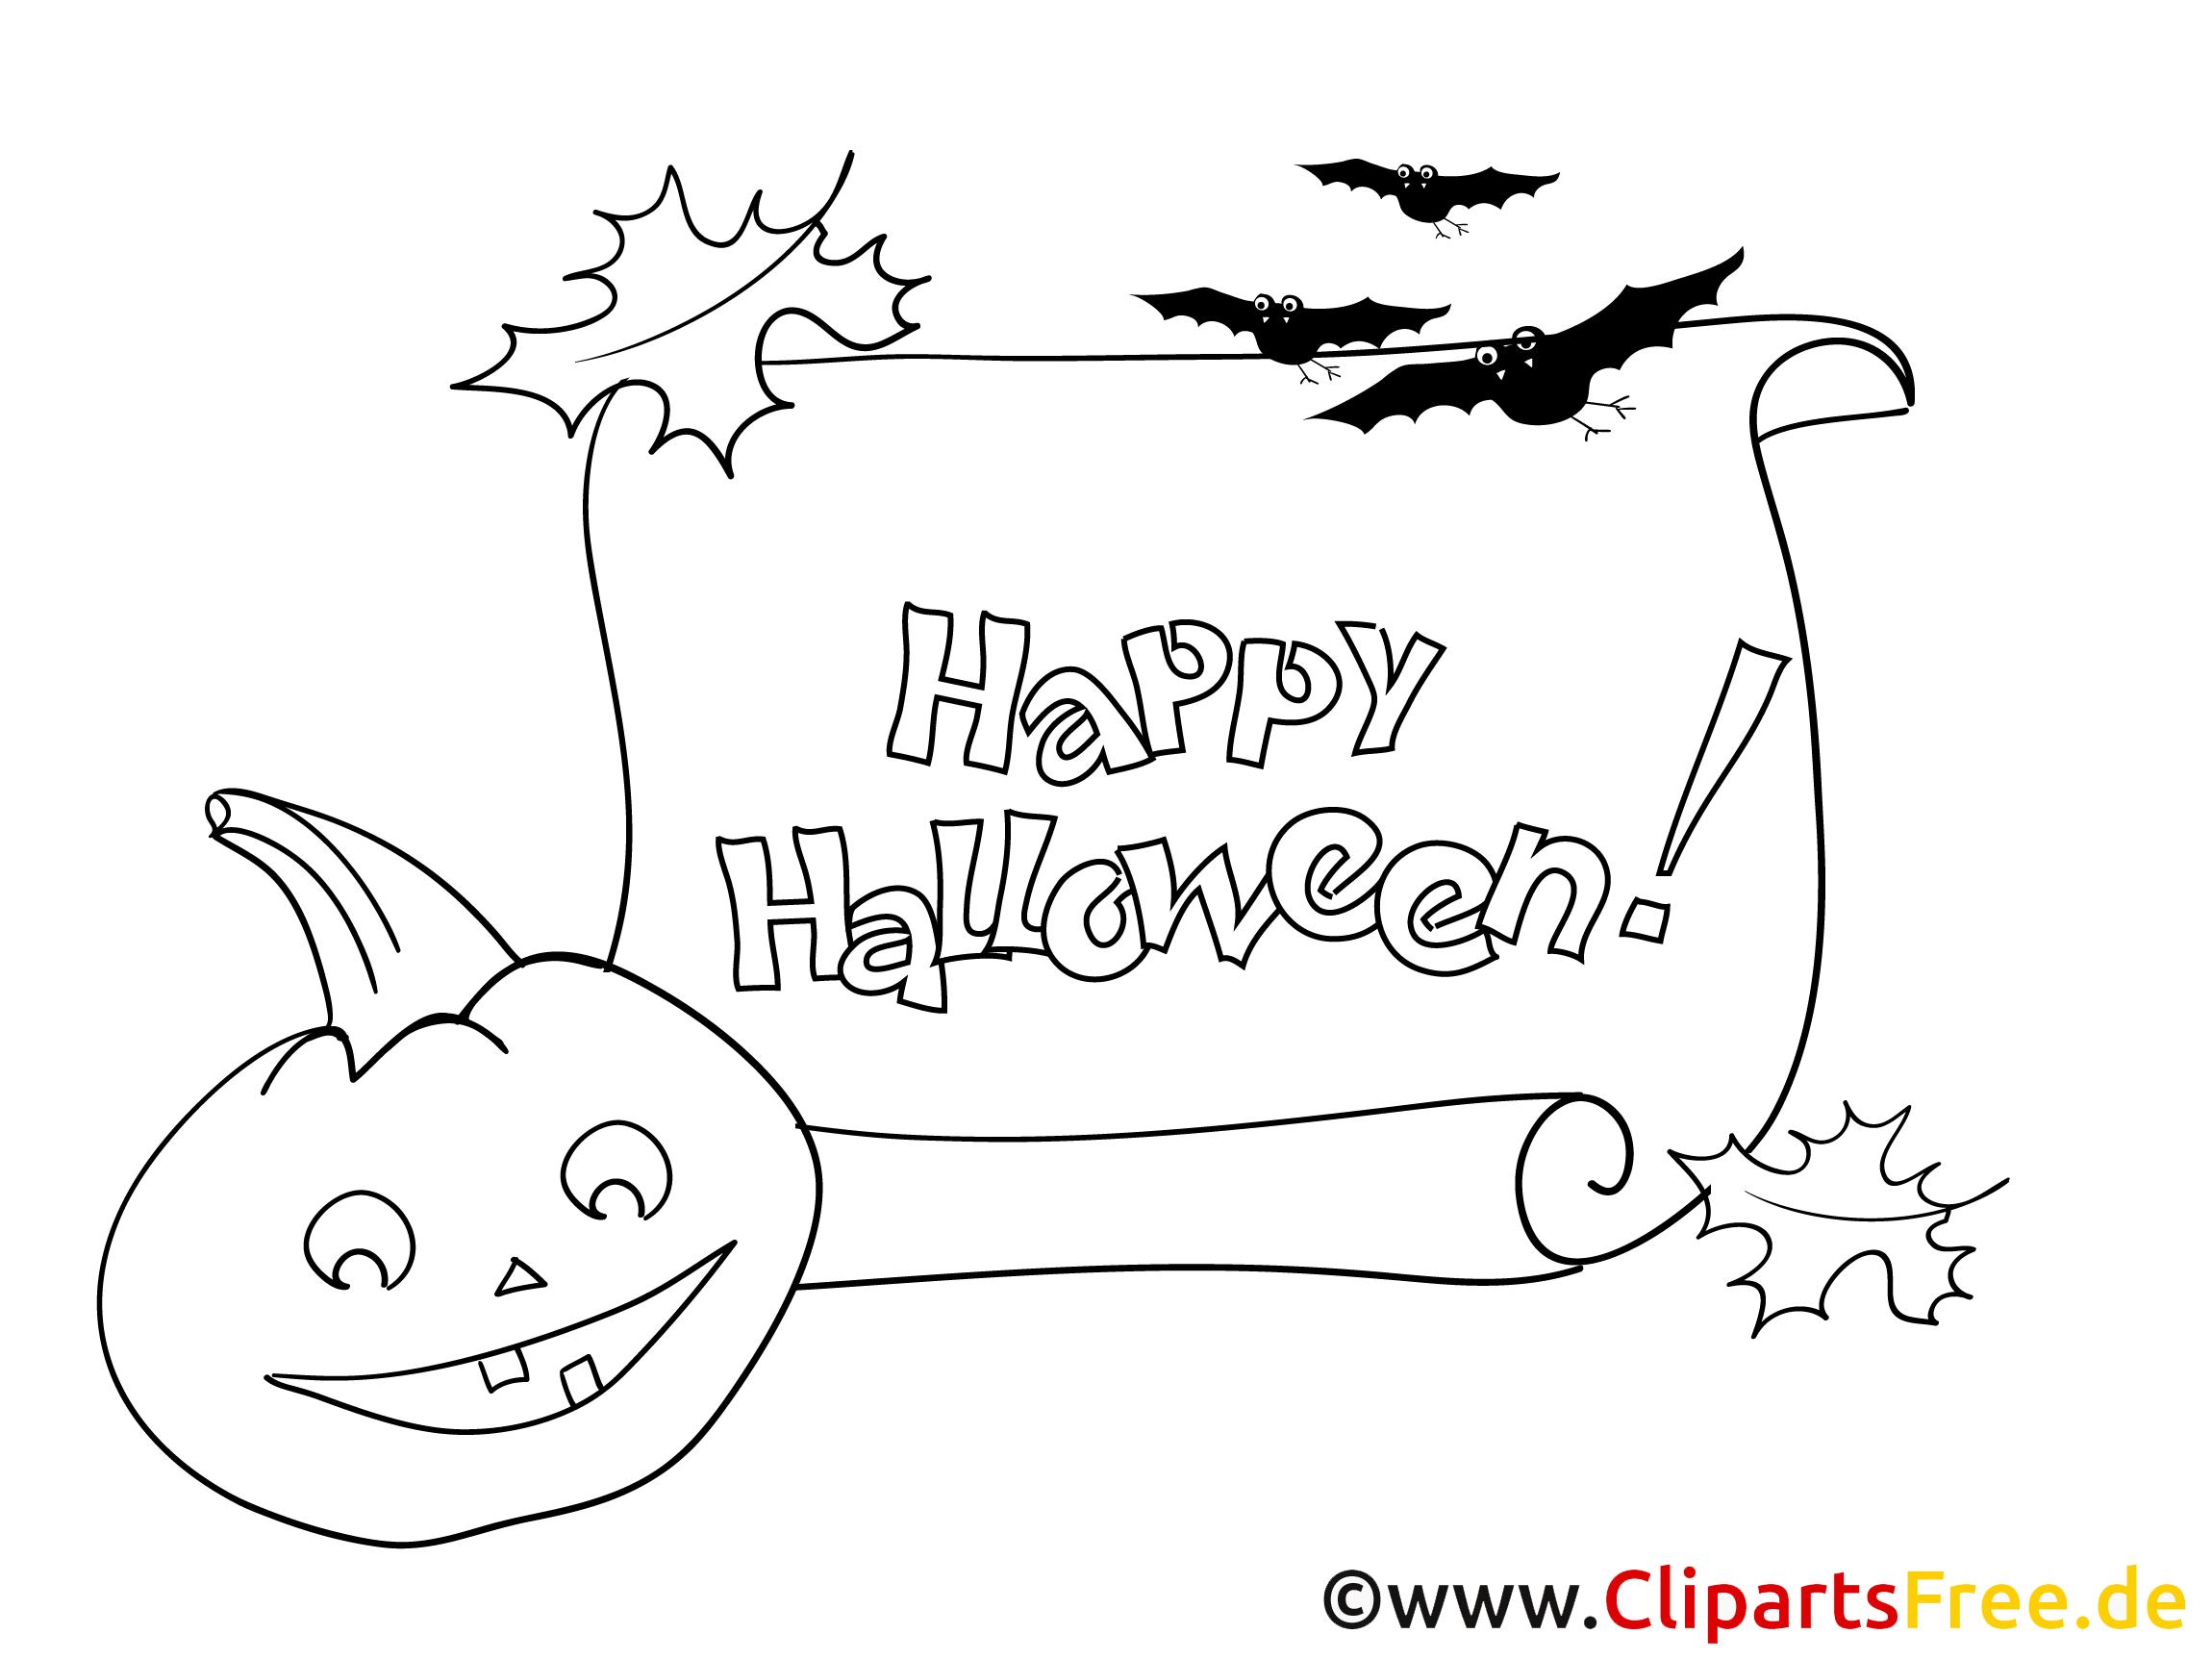 Malvorlage zum Drucken Halloween